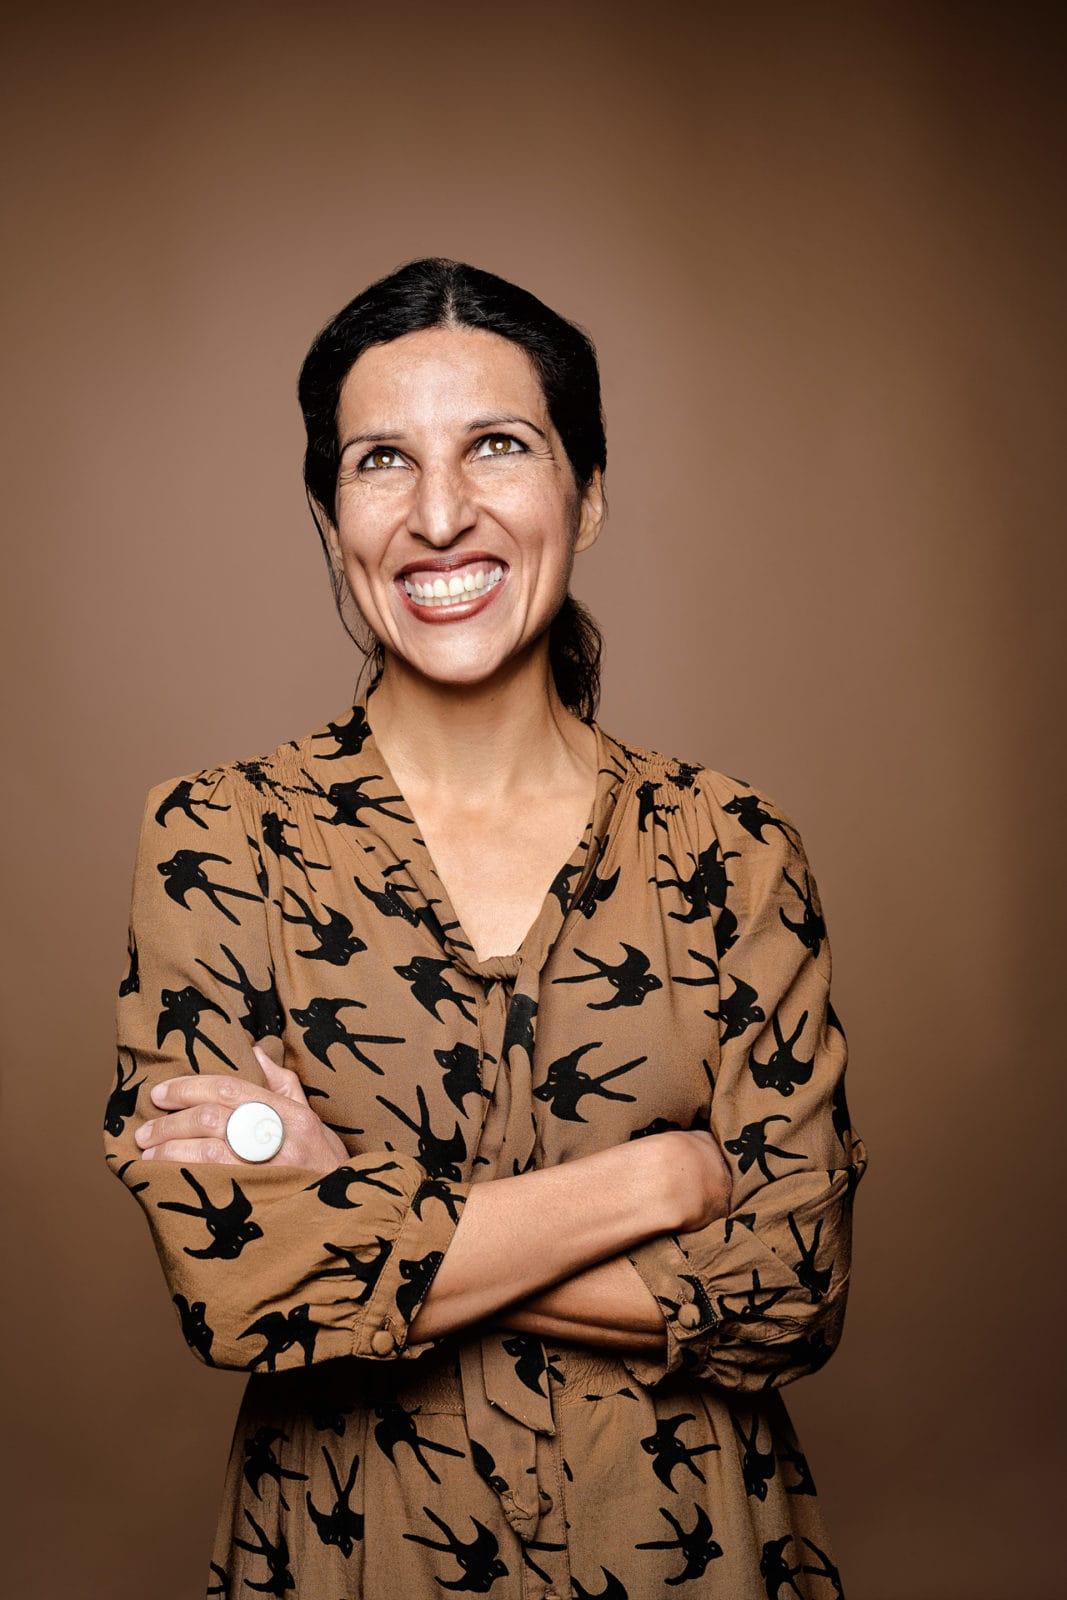 Sedcard Shooting für Düsseldorfer Schauspielerin und Model